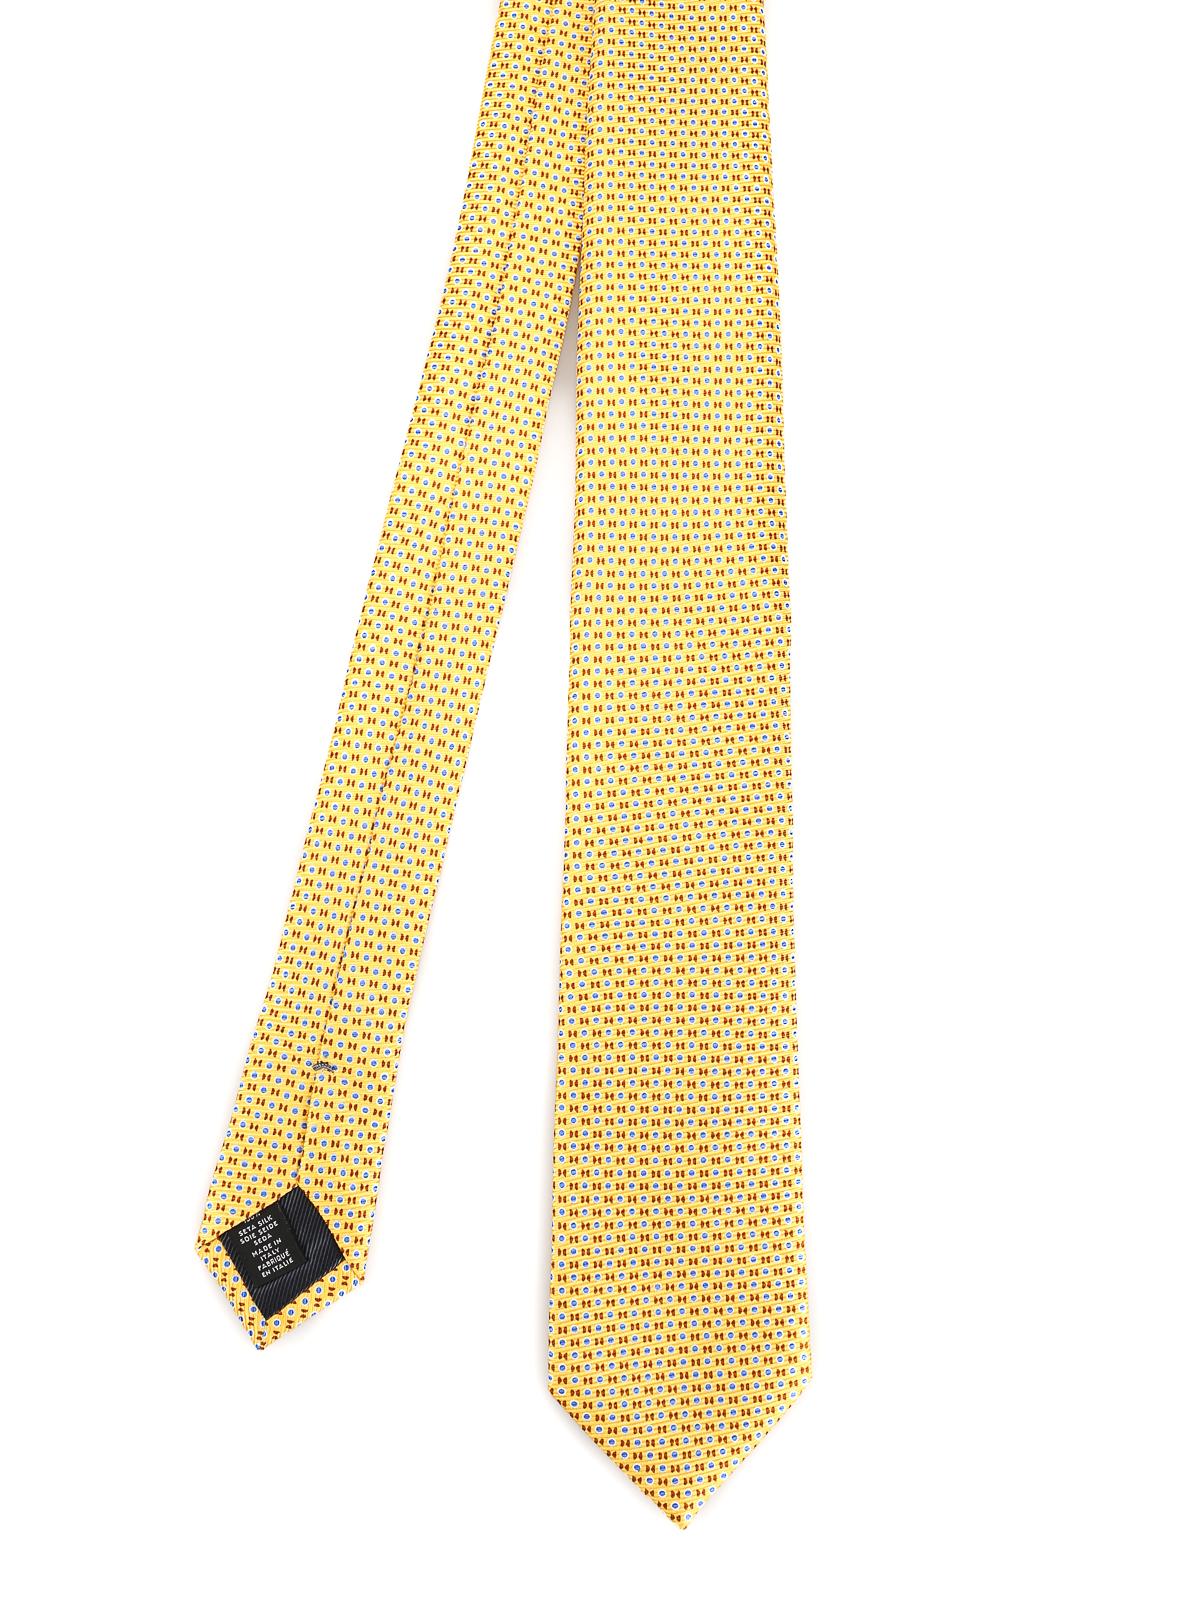 nuovo concetto Sneakers 2018 100% genuino Ermenegildo Zegna - Cravatta in seta gialla micro fantasia ...